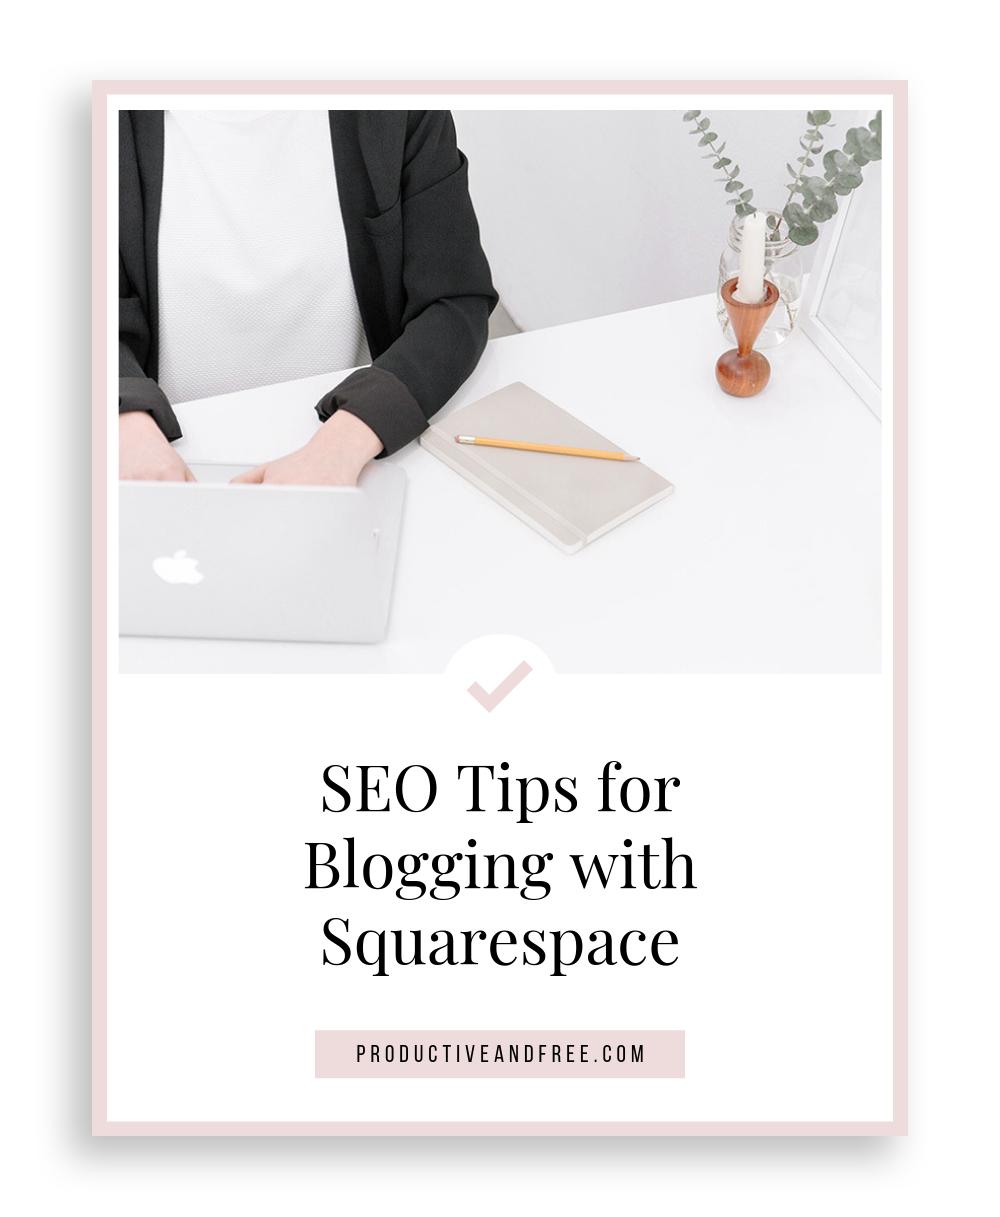 SEO Tips | ProductiveandFree.com